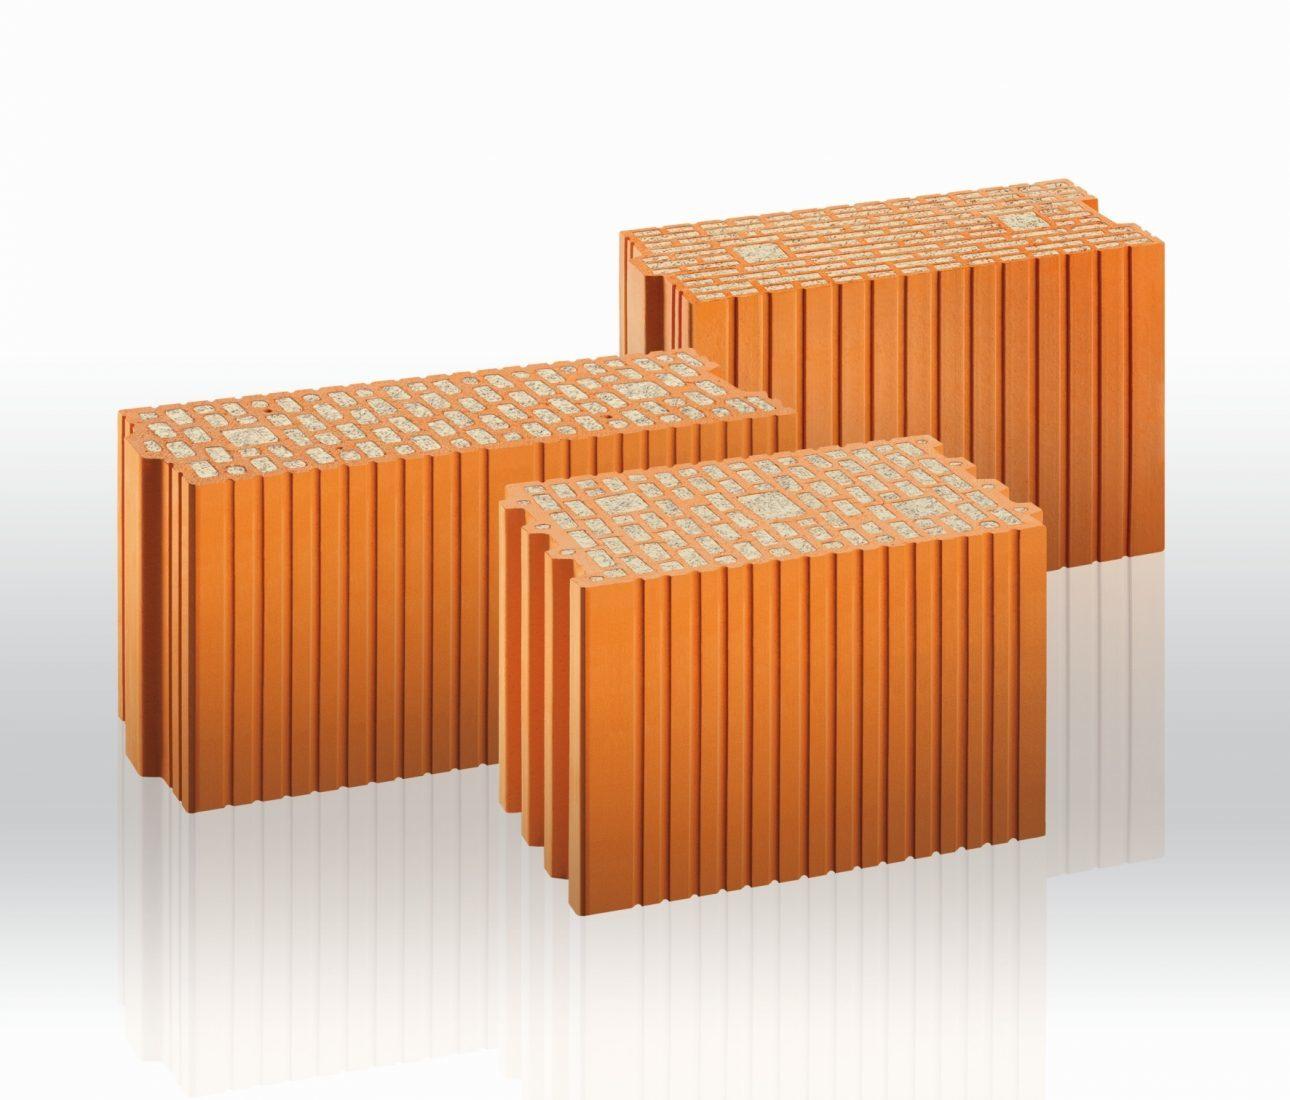 Passend für Planziegelmauerwerk: Unipor bietet dämmstoffgefüllte Kimmziegel für unterschiedliche Wanddicken. Foto: Unipor